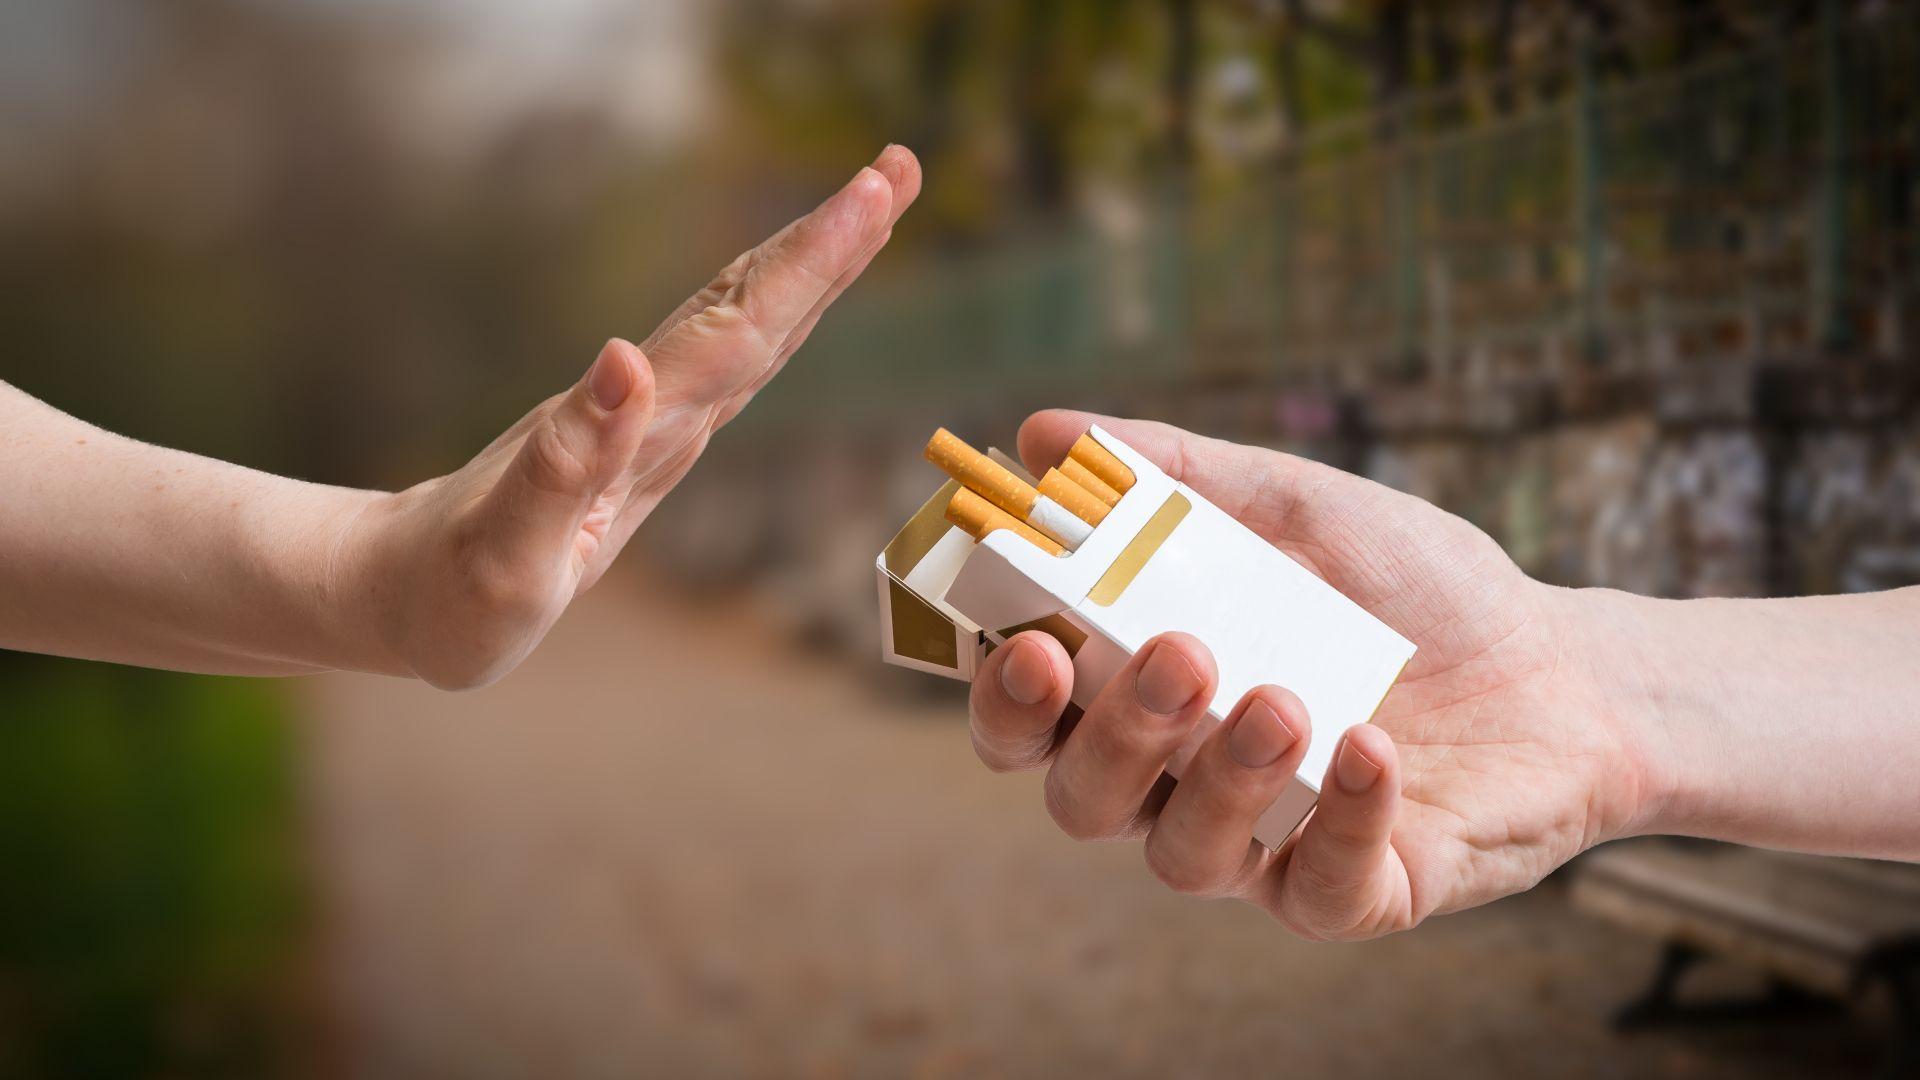 С най-ниско потребление на незаконни цигари сме в ЕС